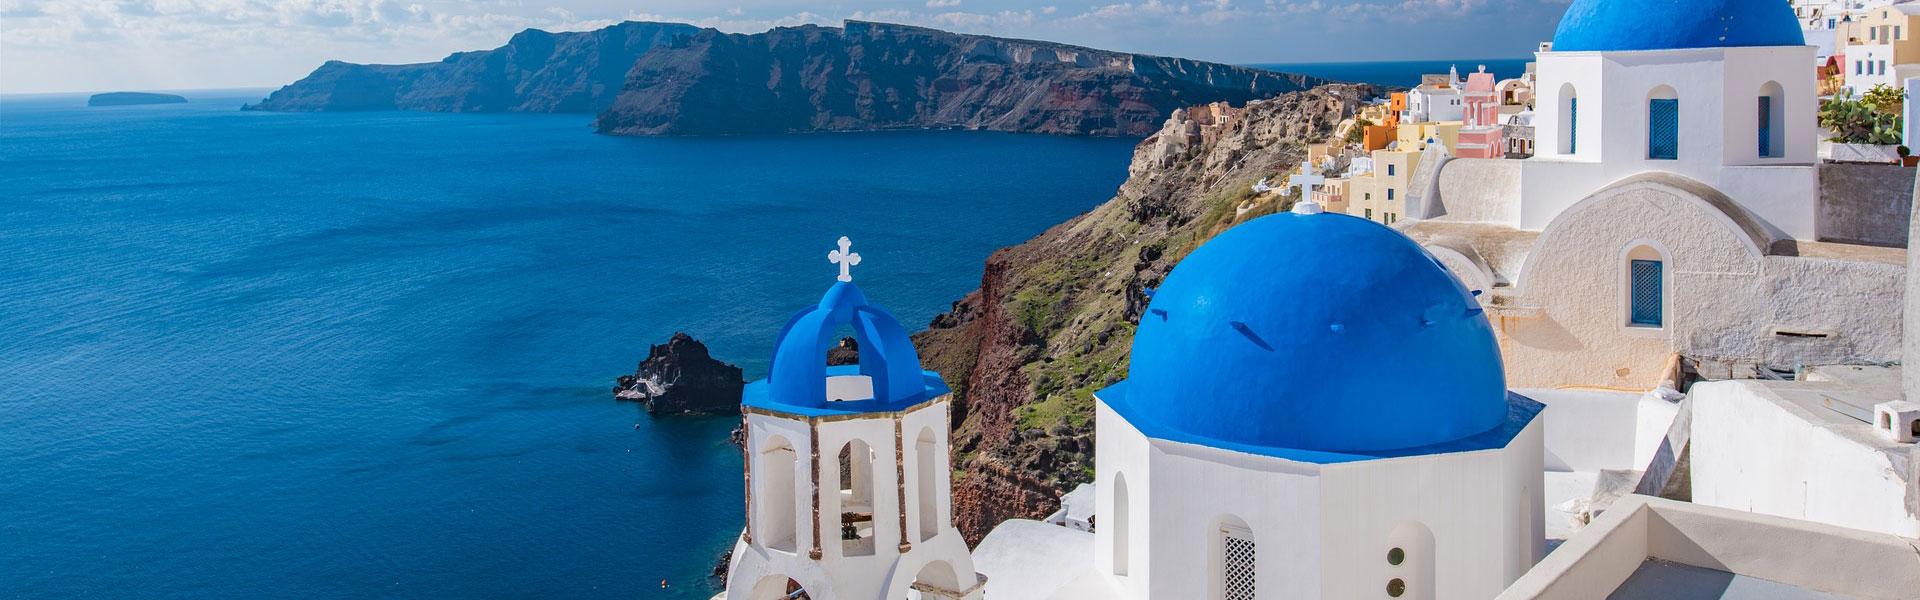 greece-banner.jpg